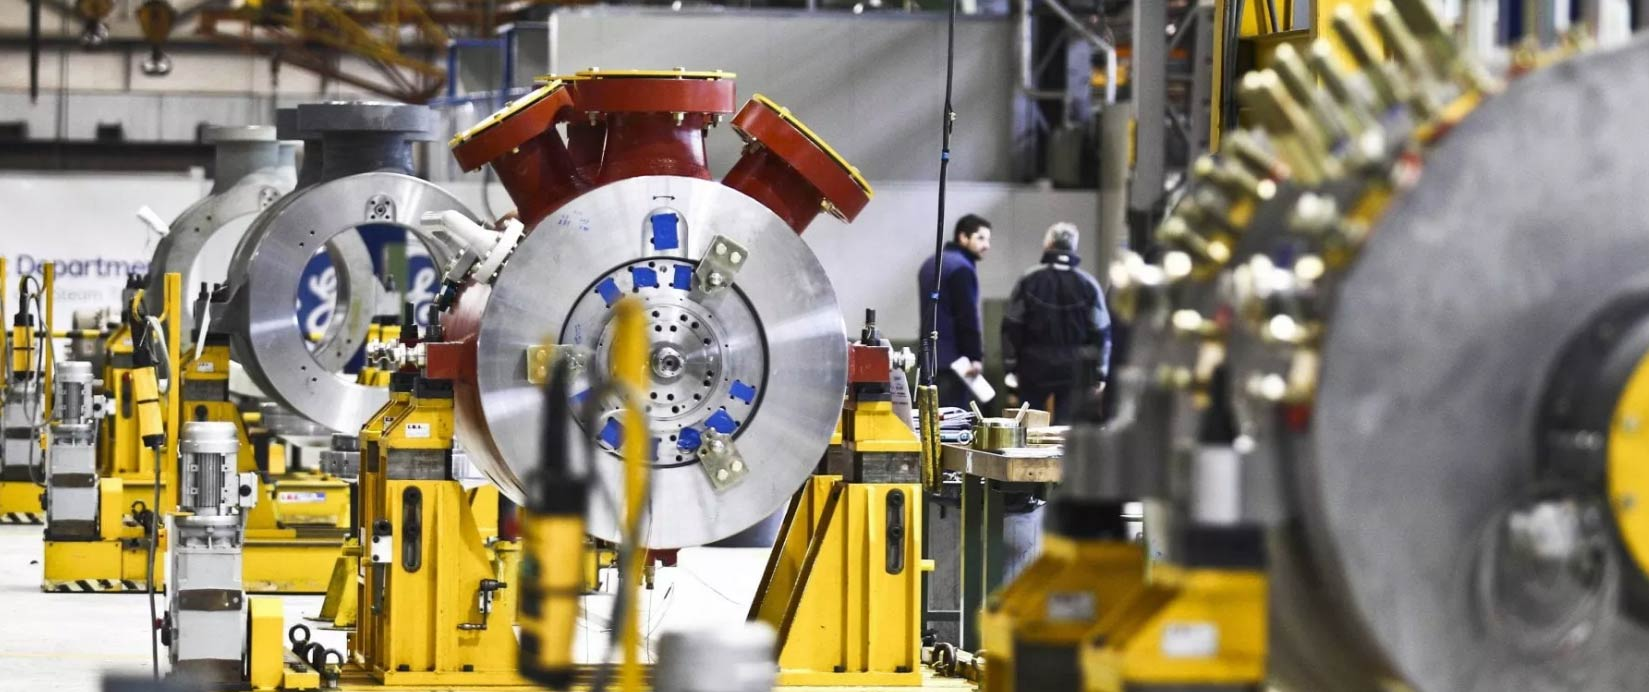 La grande prova di coraggio della Tecnomec Engineering, TD-Bosch e di altre imprese dell'industria meccanica